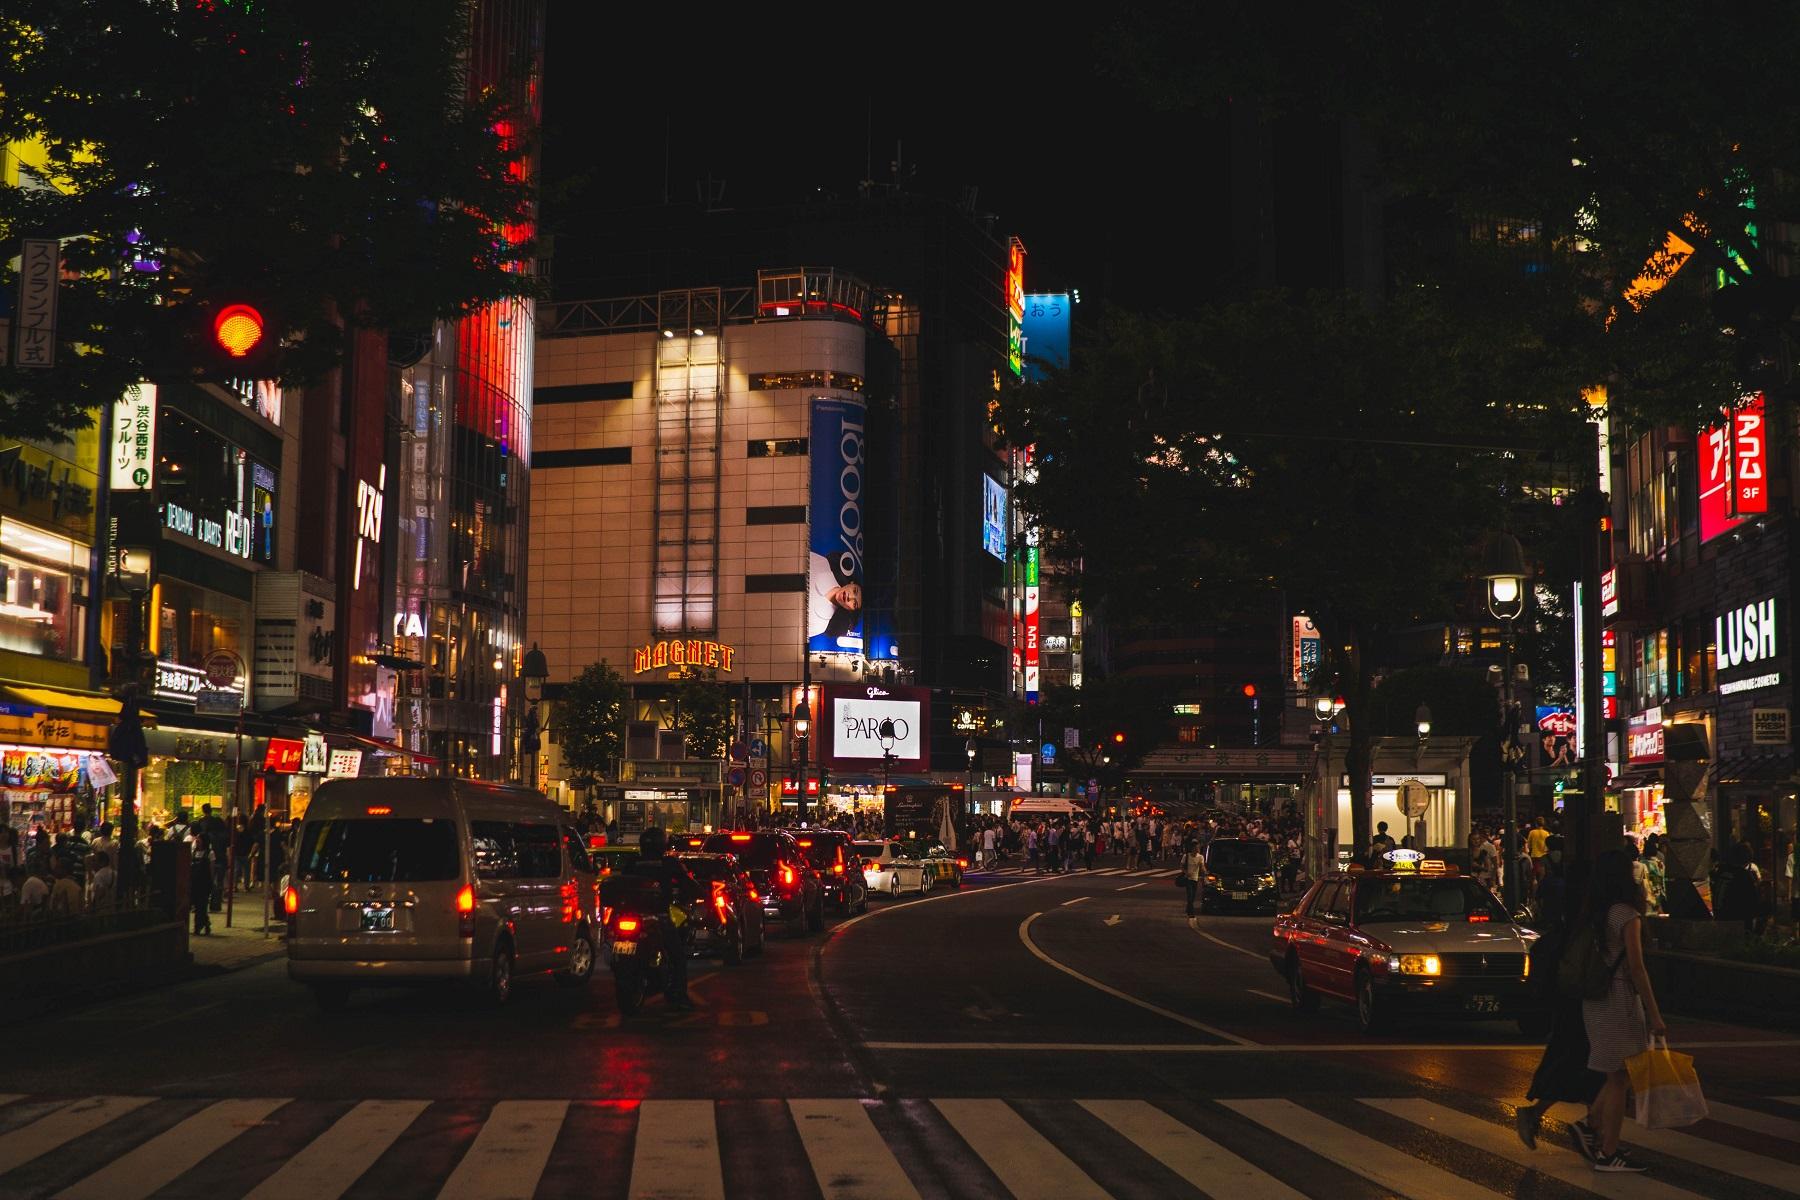 Reklama zewnętrzna: banery, billboardy, przystanki - jakie są rodzaje i cechy nośników reklamy?